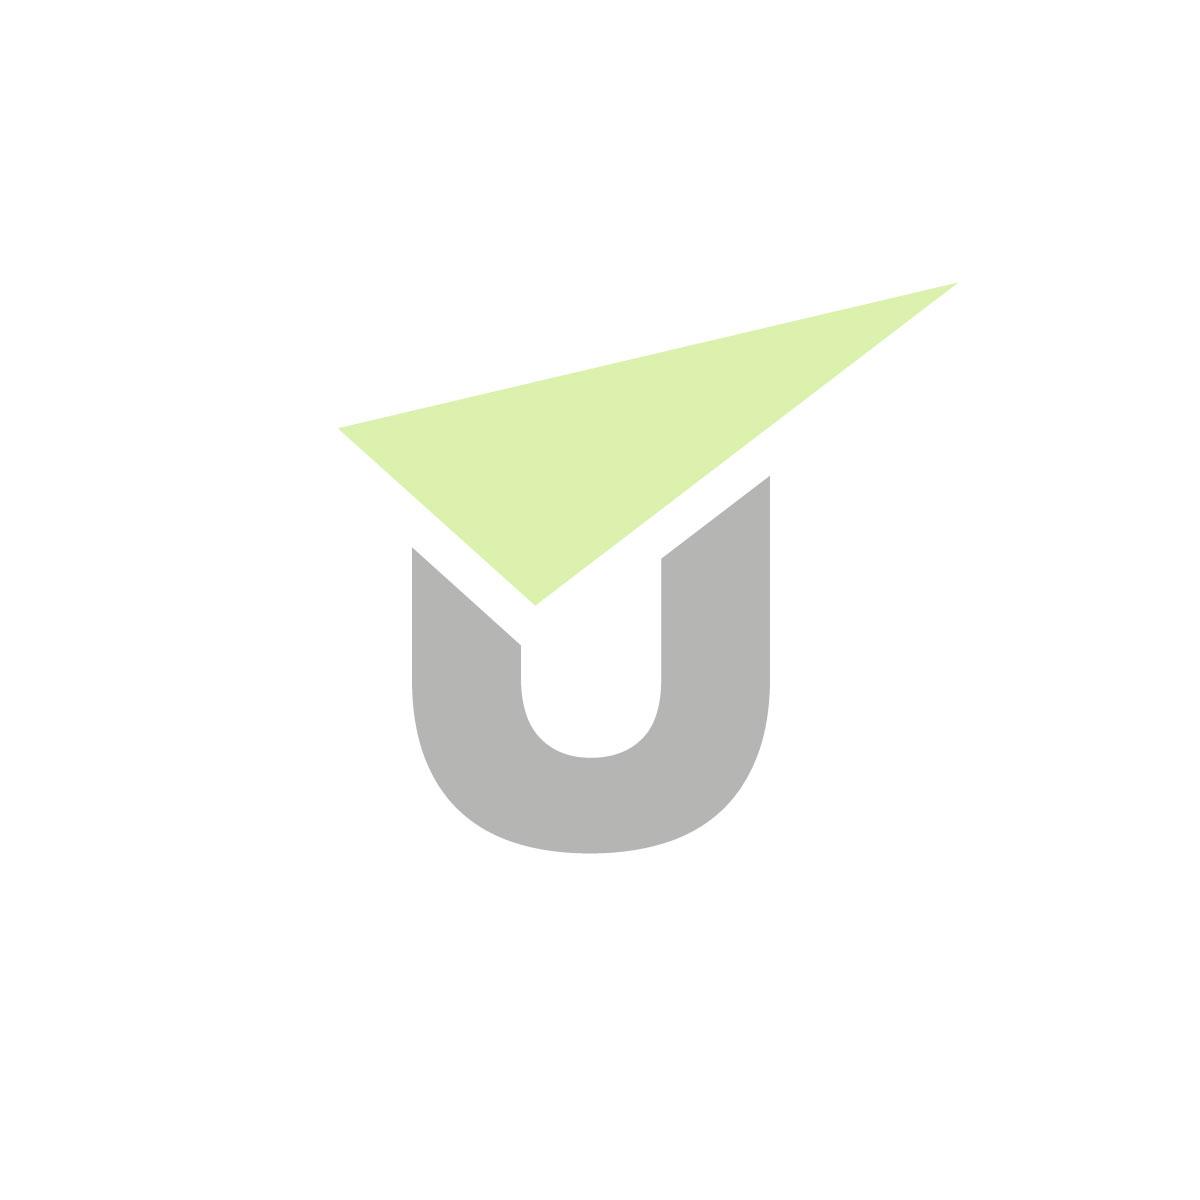 MUSHLOOM puzle 3D de madera como producto recomendado